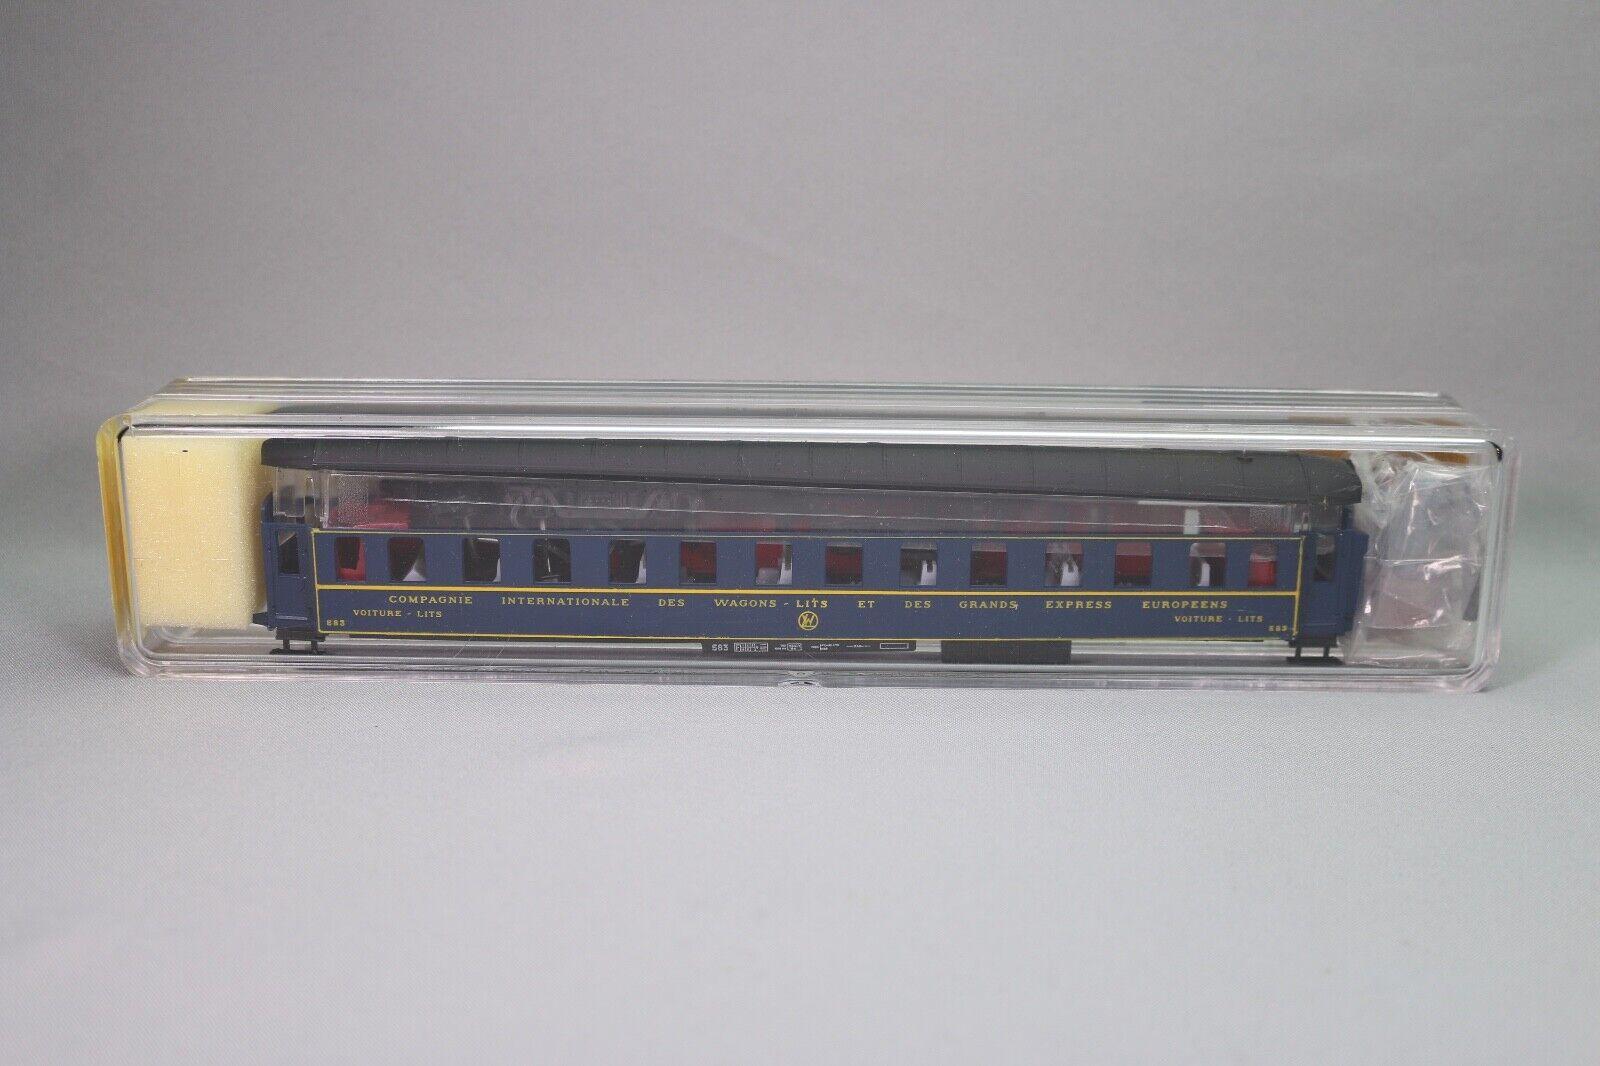 ZA1333 FRANCE i treni Voiture Ho 236K Kit a monter wagon lits CIWL